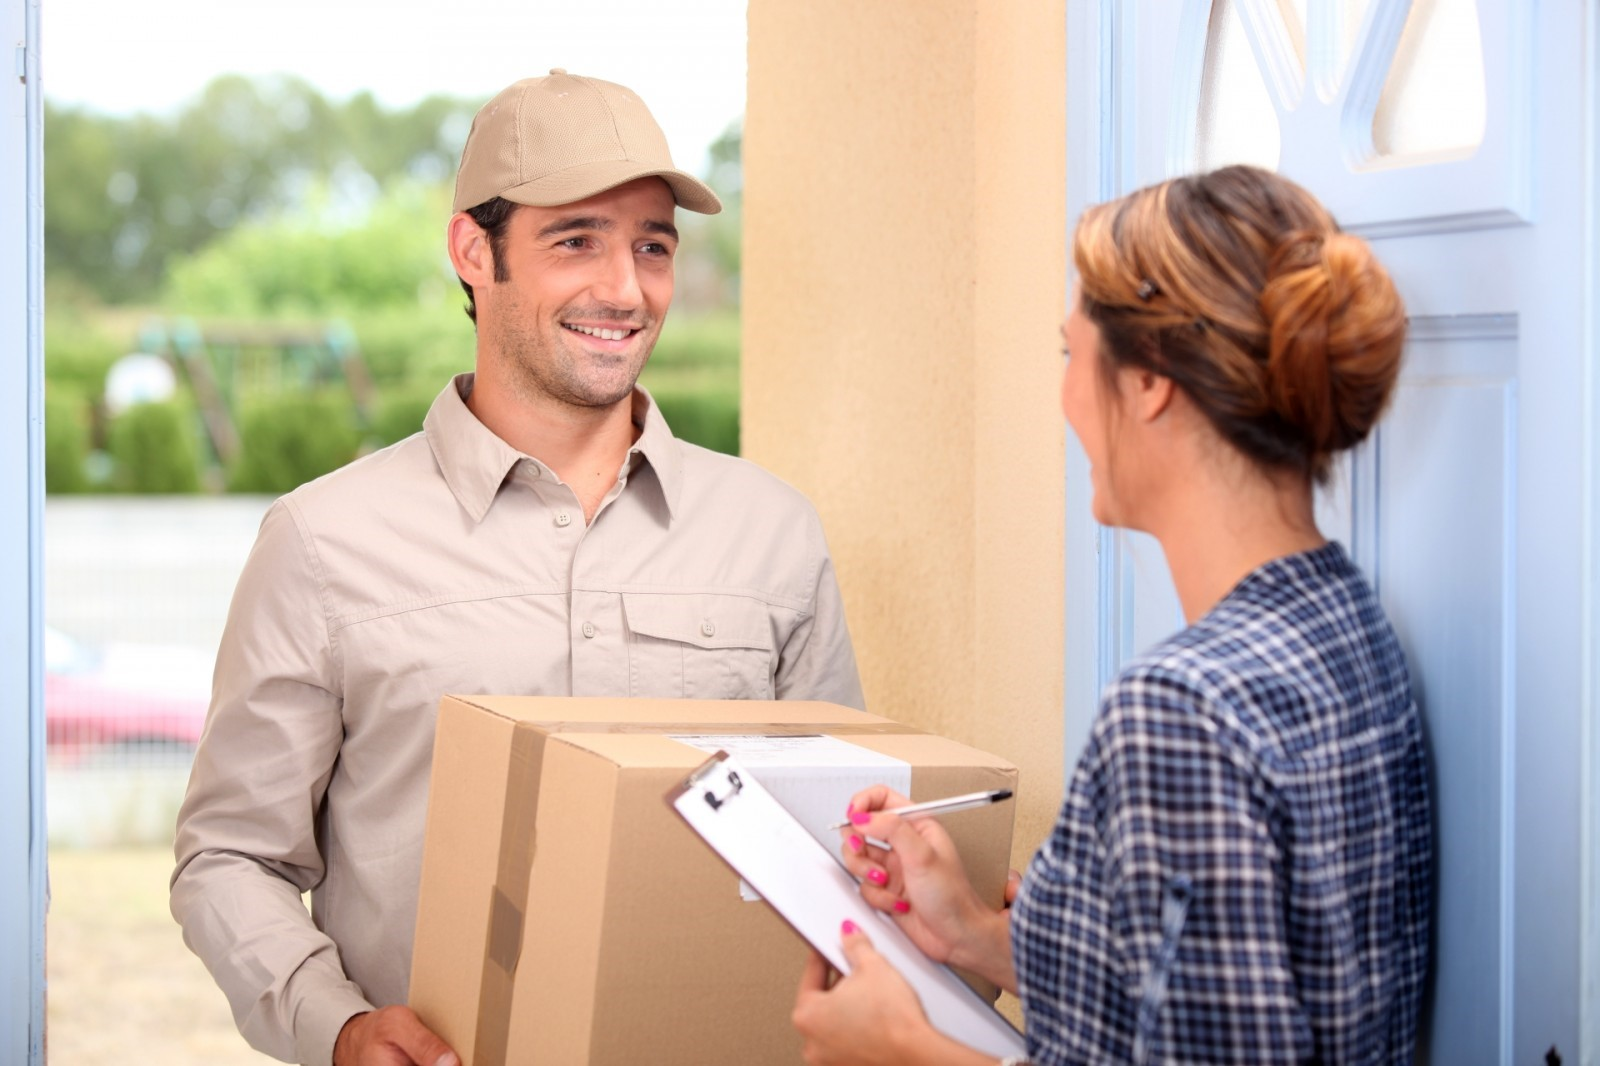 cb1877ca5d6270c Курьерская доставка: особенности и преимущества | Заказать недорогую ...